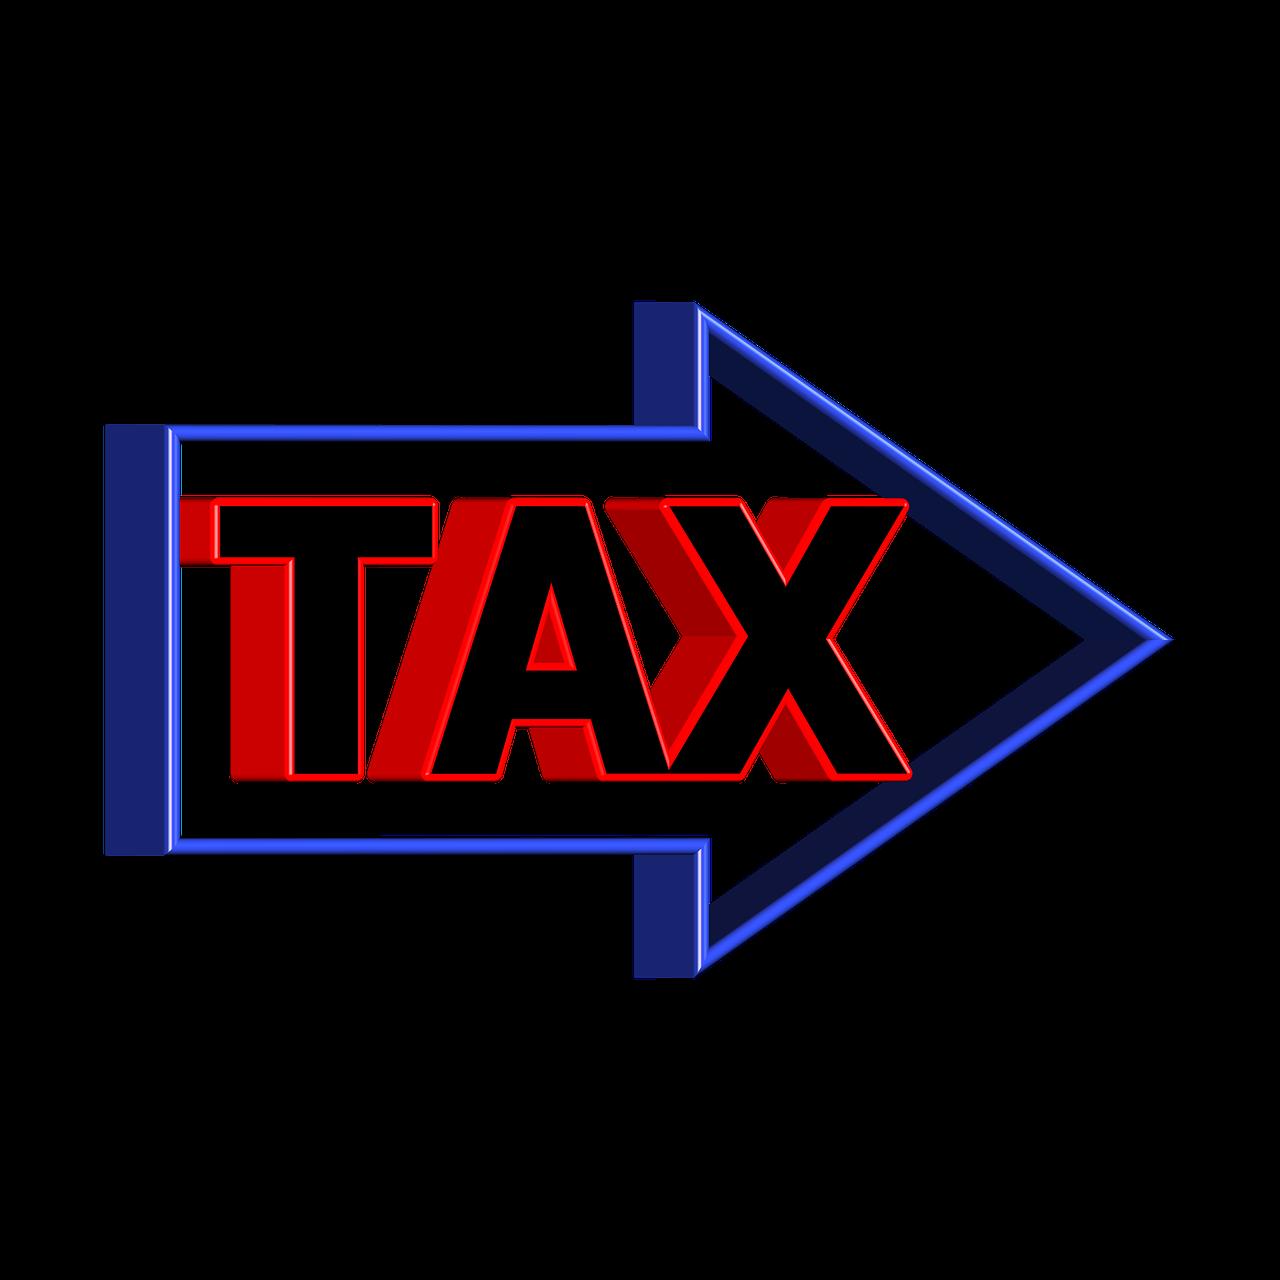 中小企業向け税制改正の内容。ざっくりと把握するために簡単なパンフレットで確認